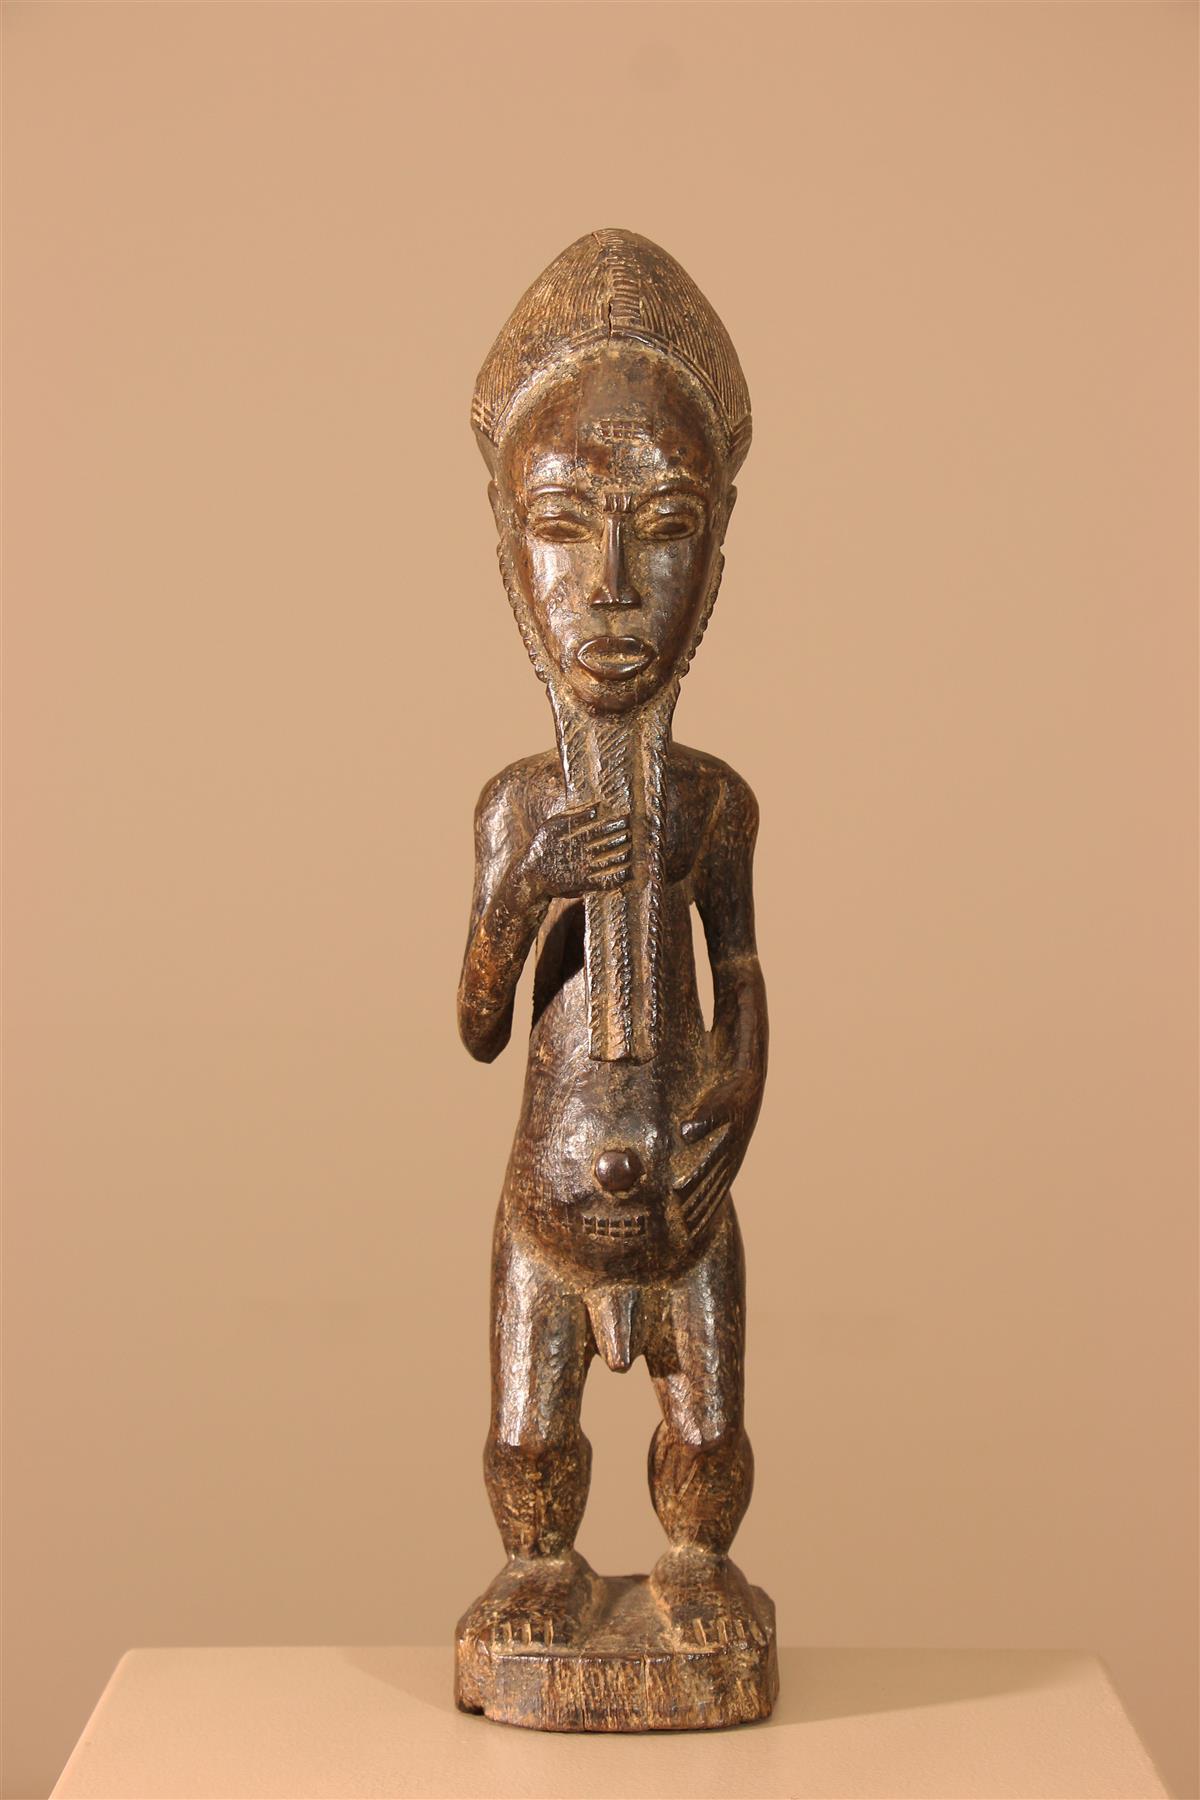 Statuette Côte d'Ivoire - Déco africaine - Art africain traditionnel